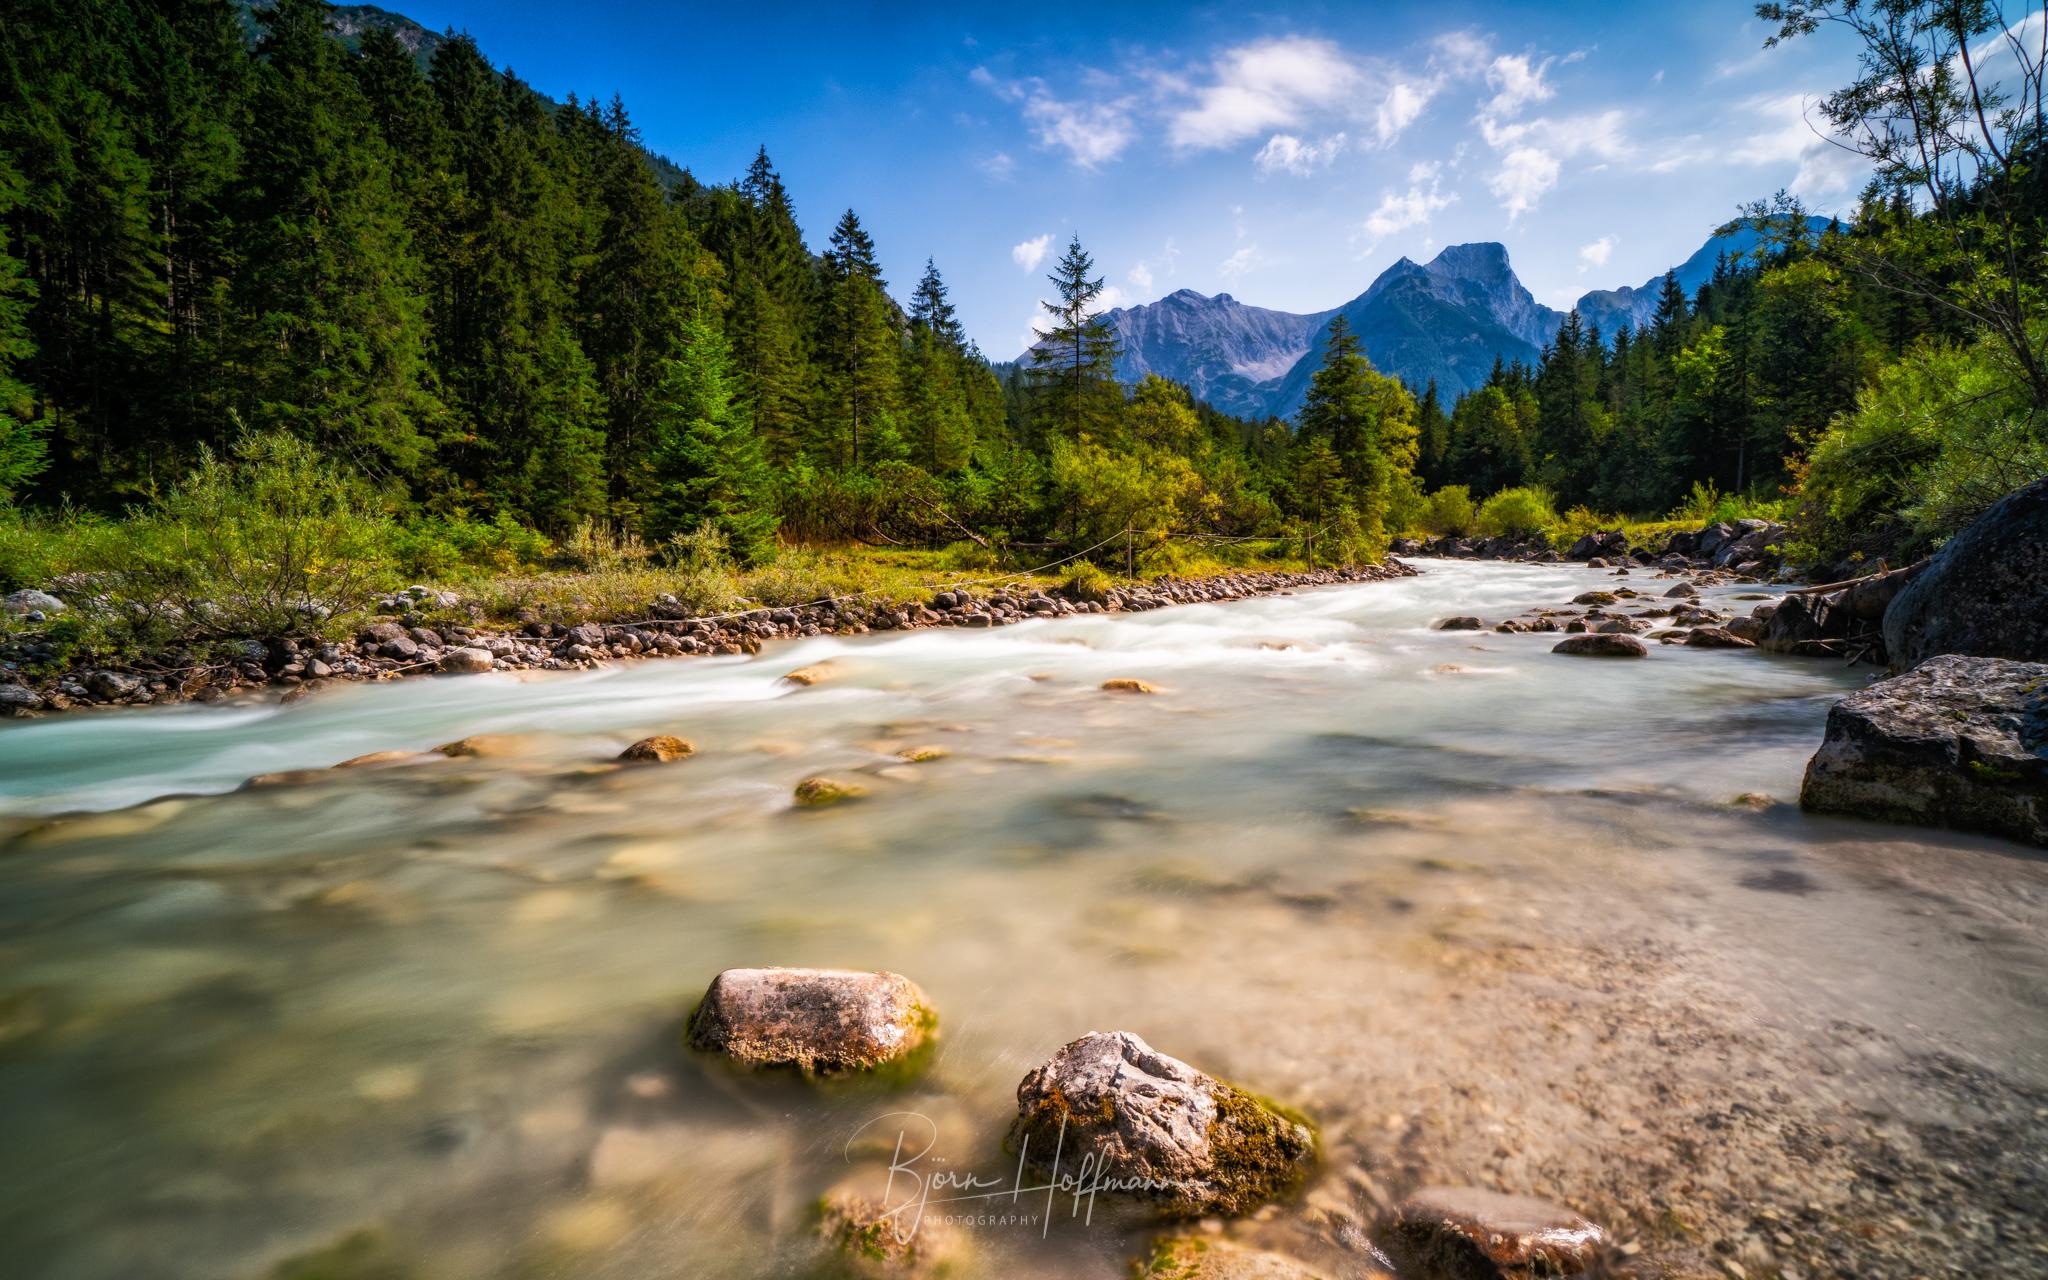 Risstal Mountain View, Austria